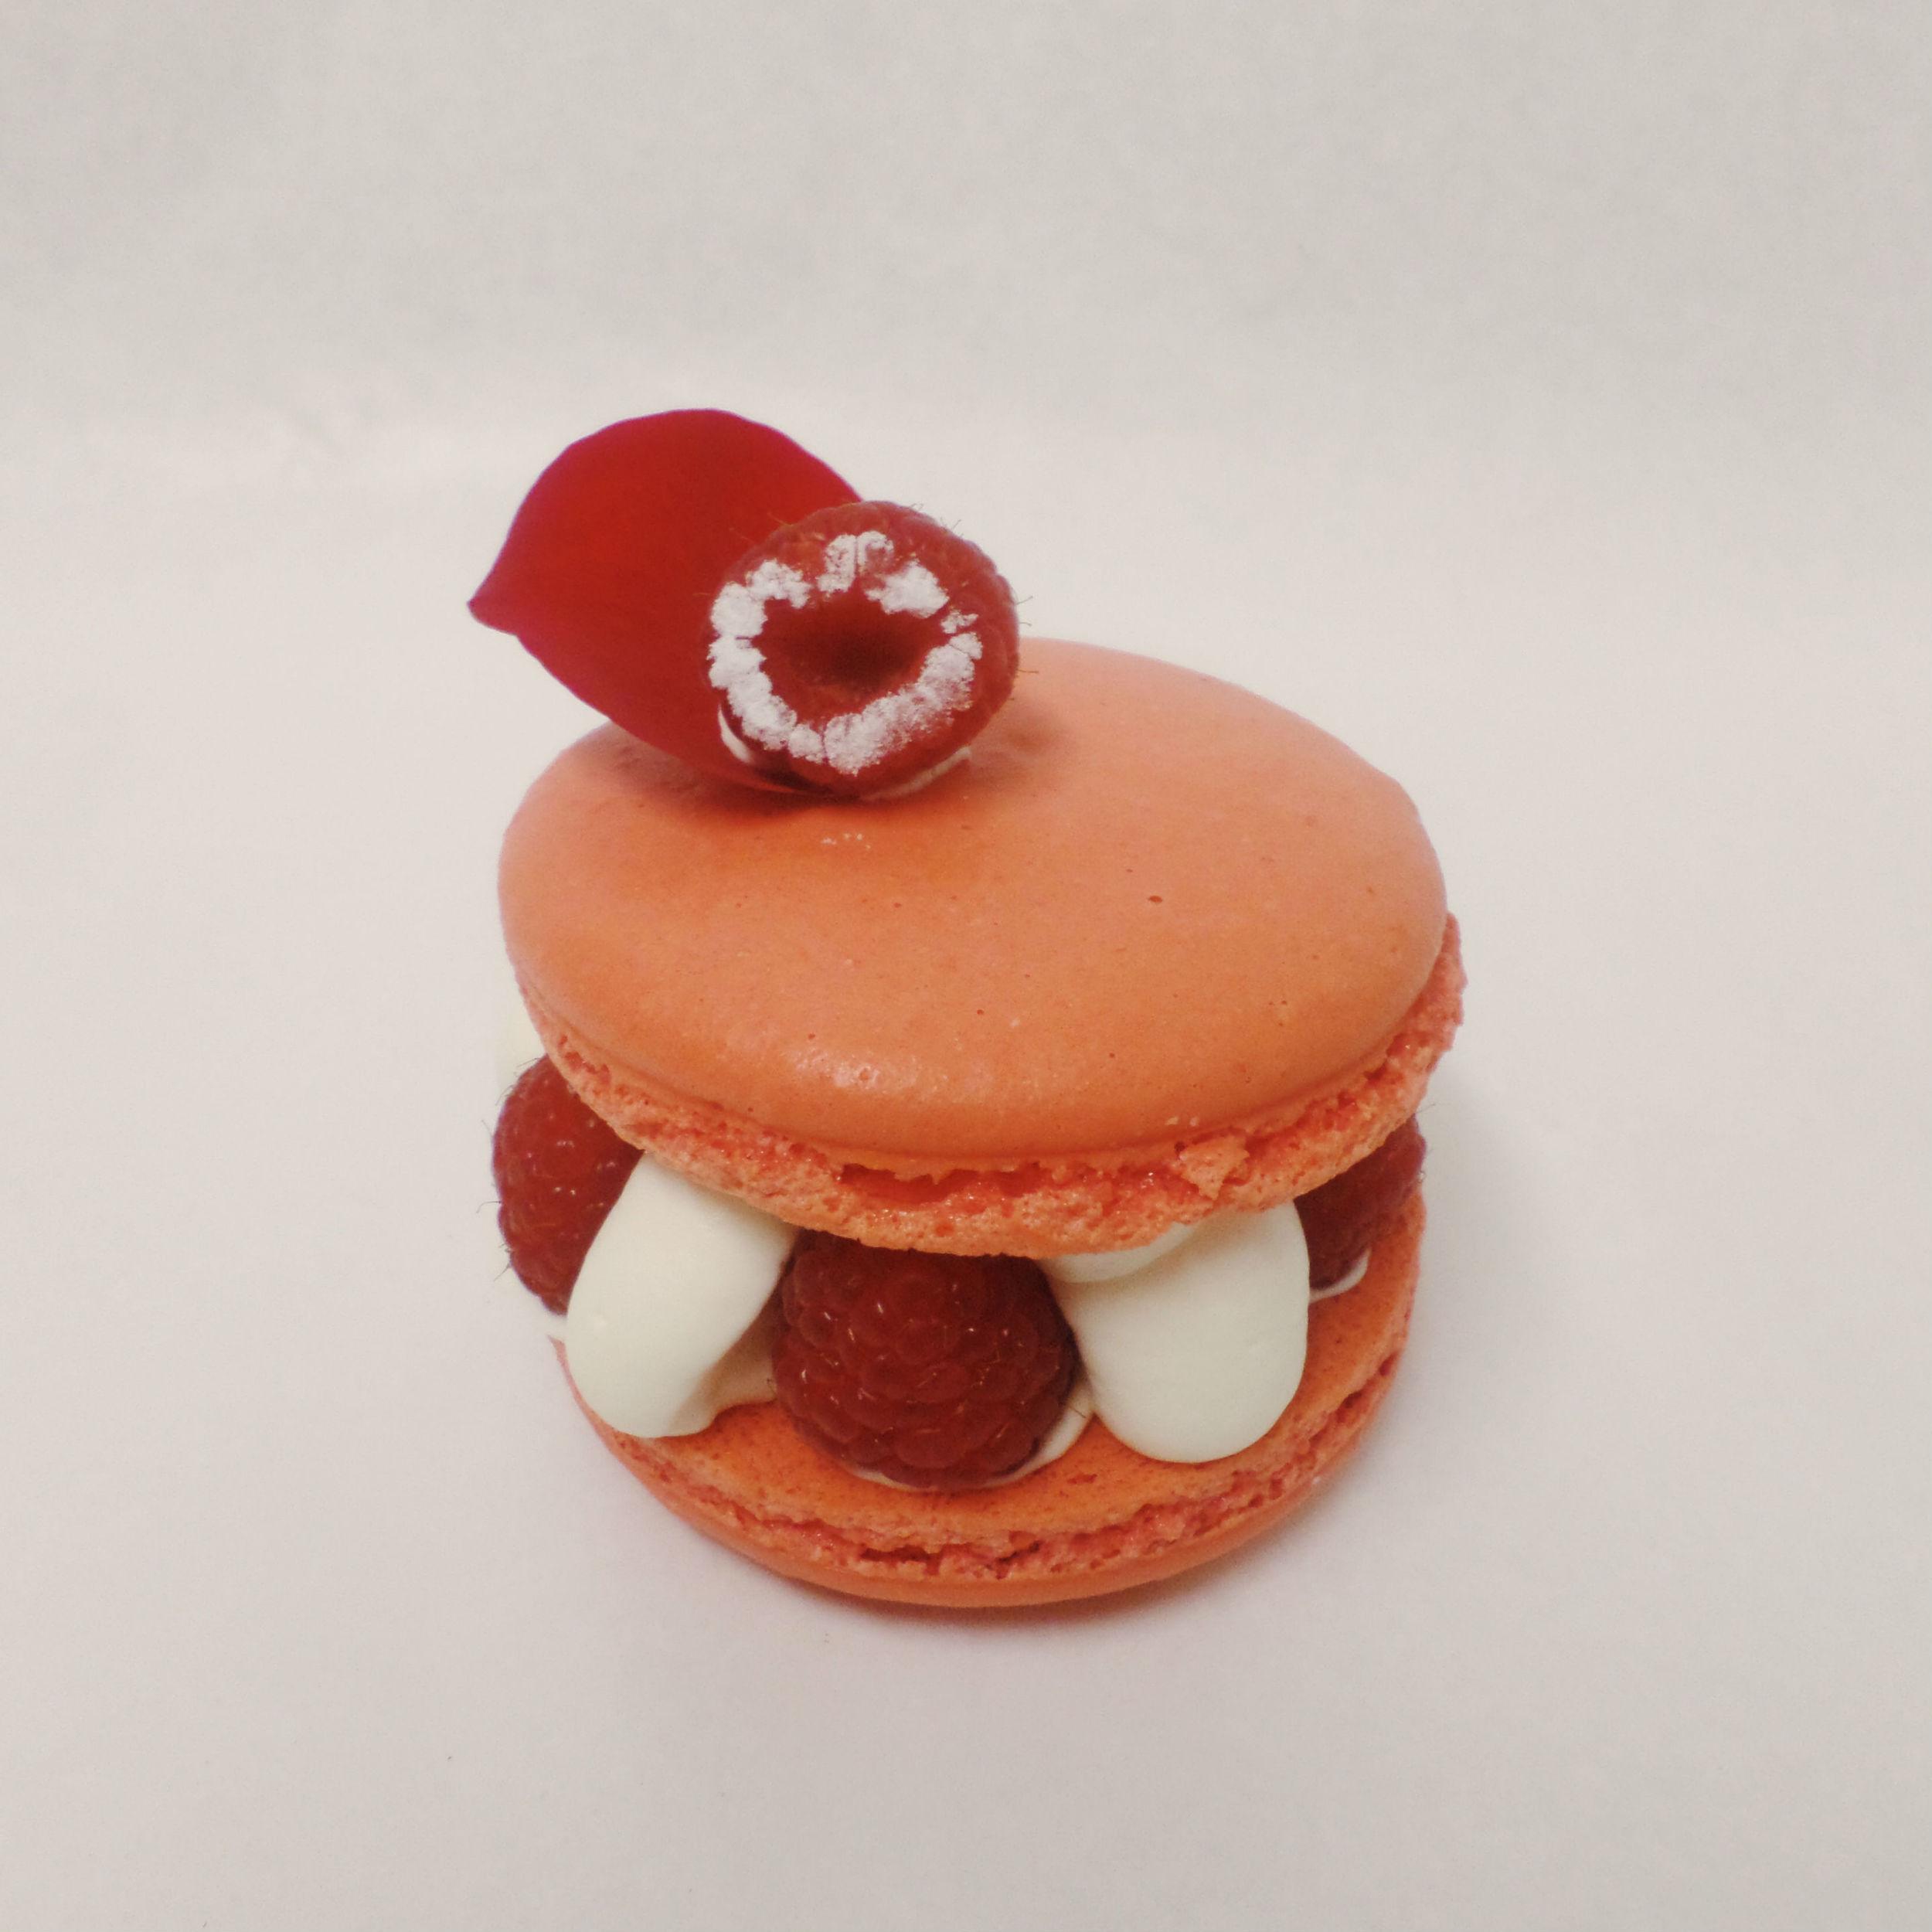 Macaron con ganache de chocolate blanco y rosa,coulis de frambuesa y frambuesas naturales